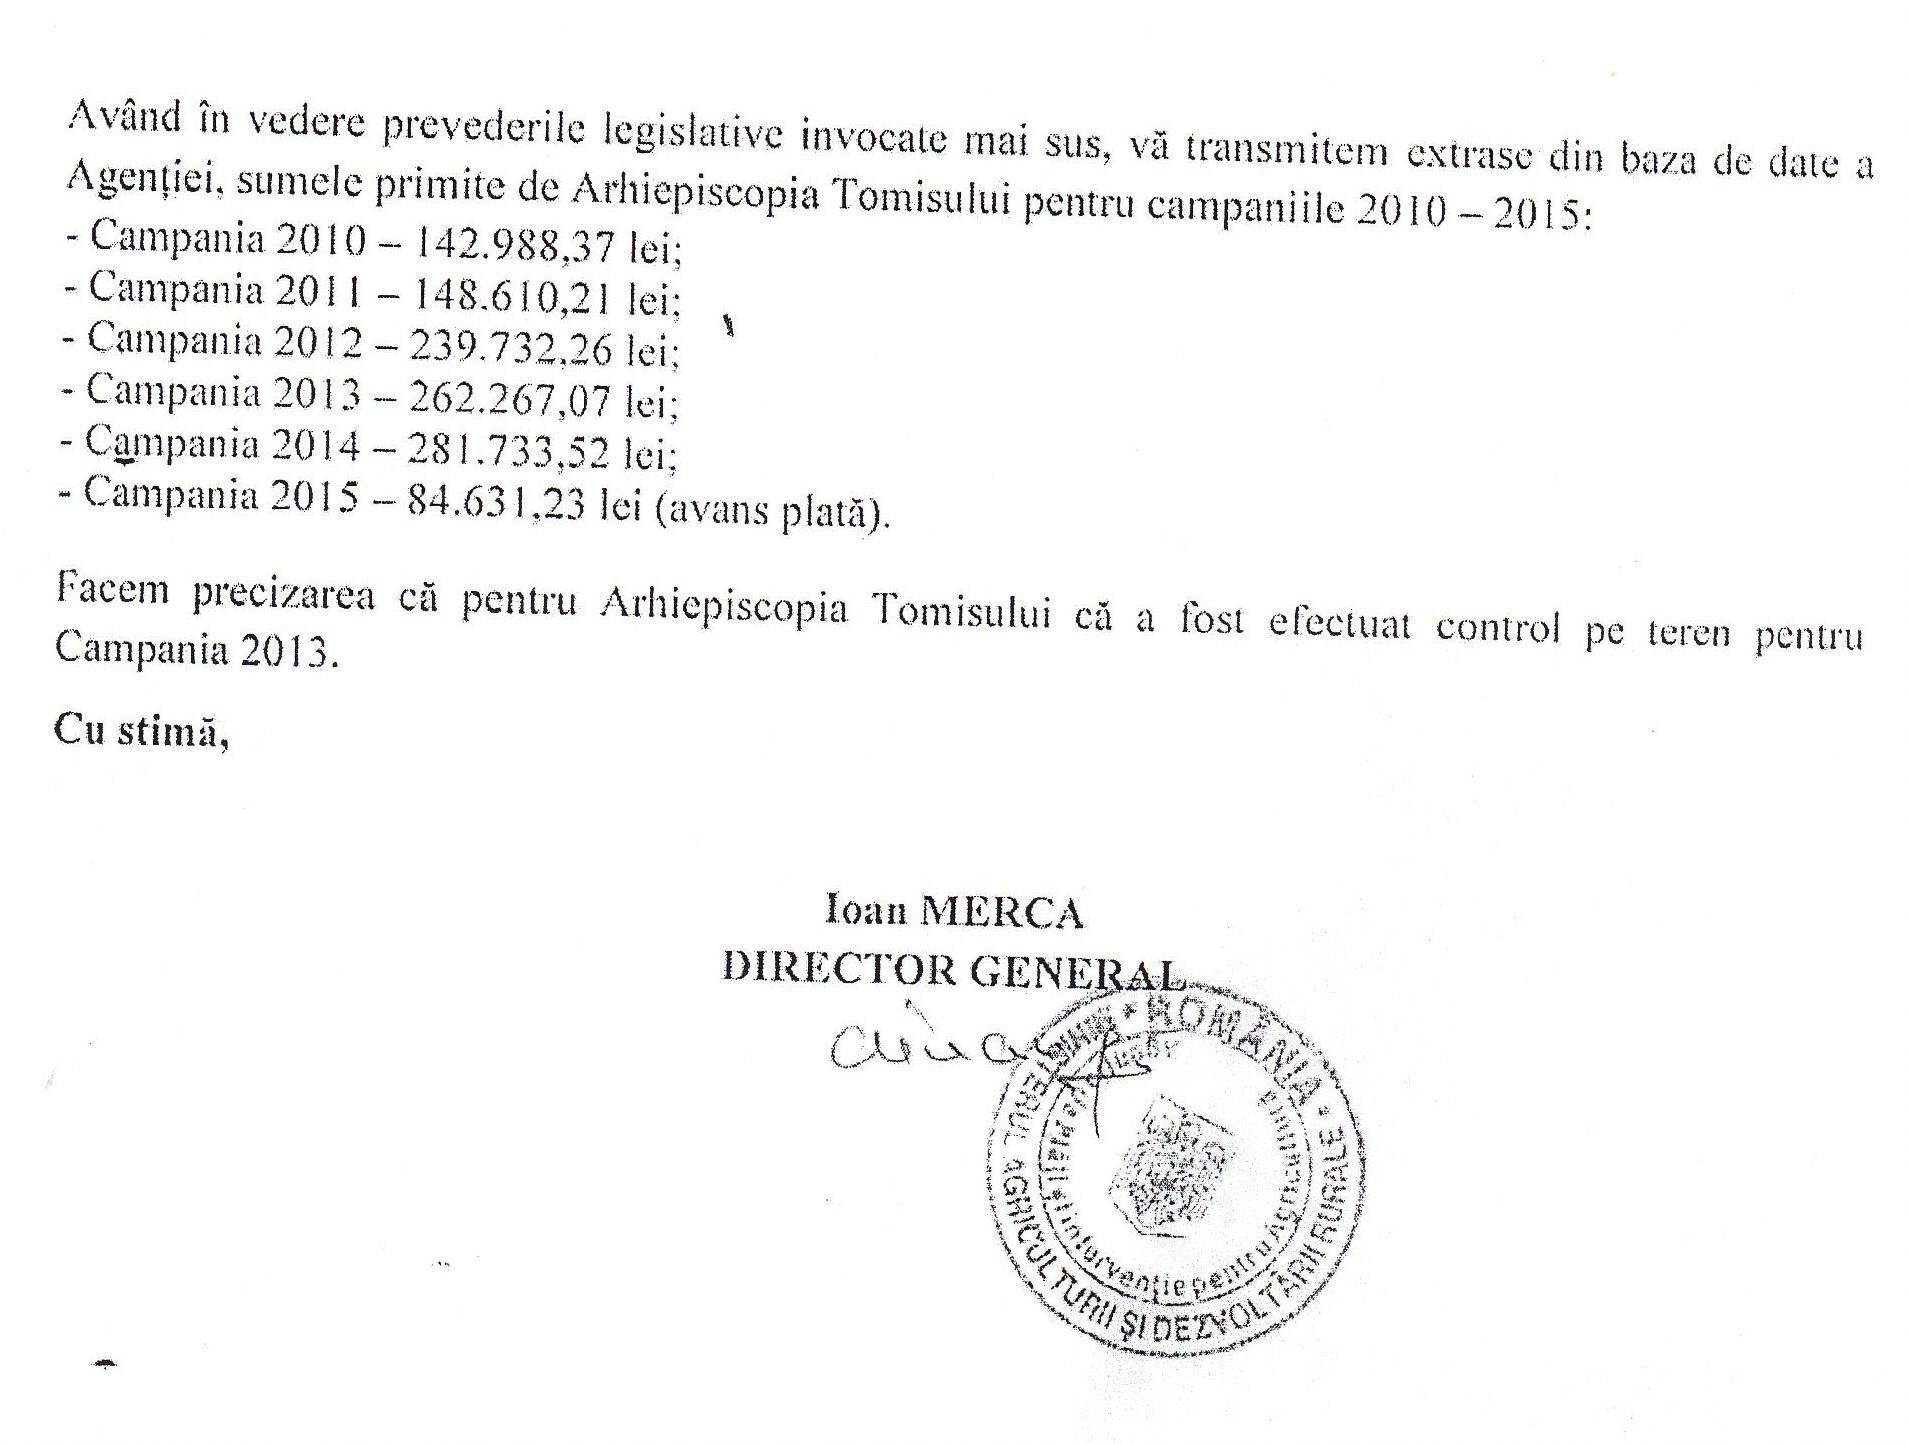 Raspunsul A.P.I.A. din 15 februarie 2015 din care reies sumele achitate ca subvenții către Arhiepiscopia Tomisului, pentru pamanturi lasate pârloagă!